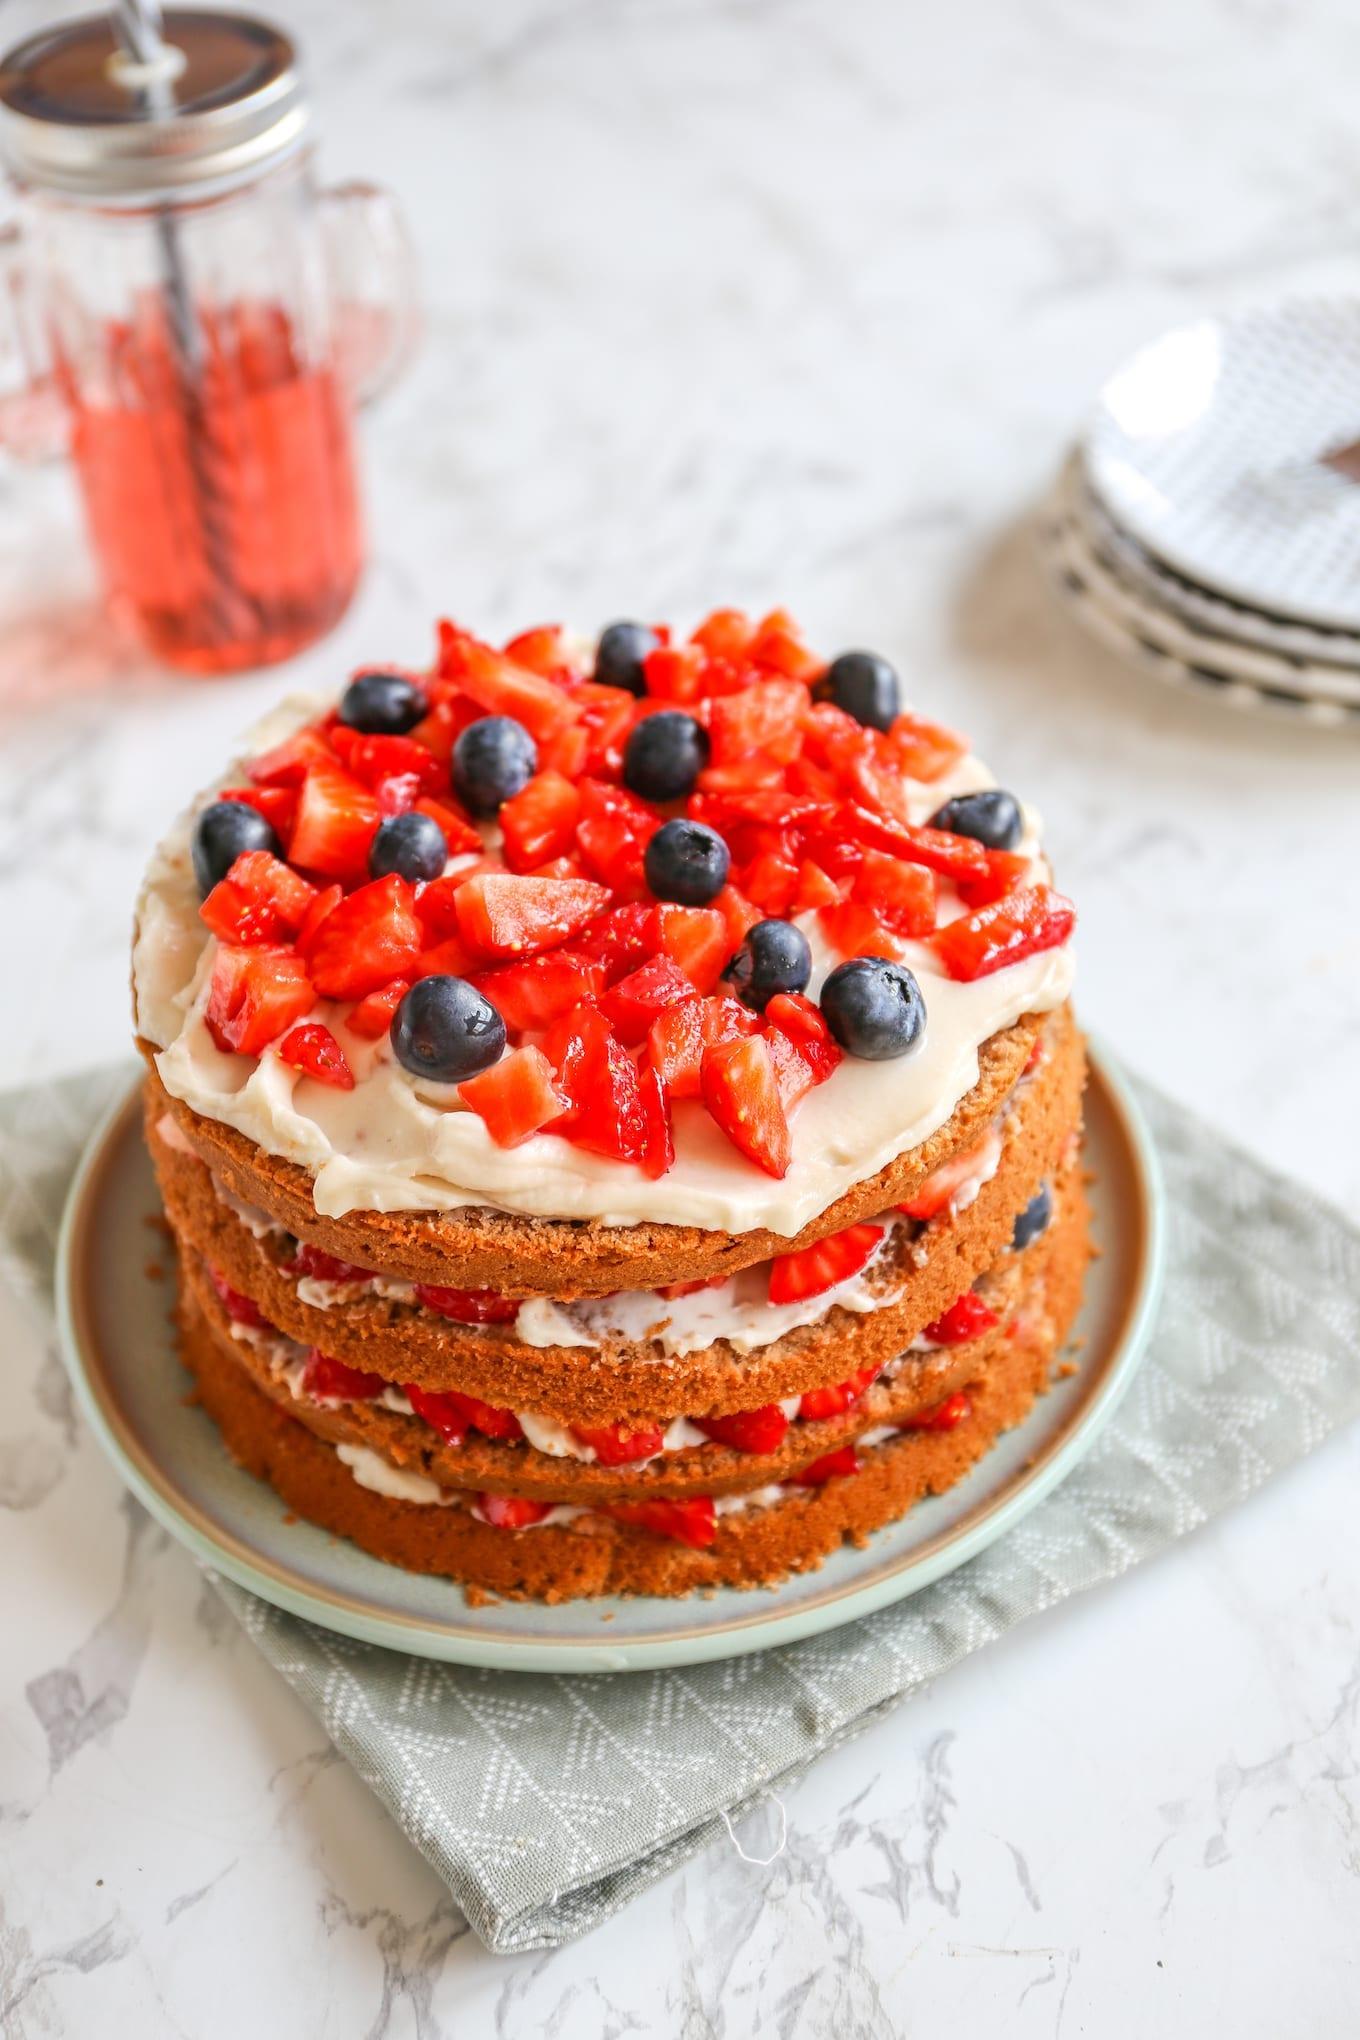 Chocoladetaart met aardbeien en frambozen